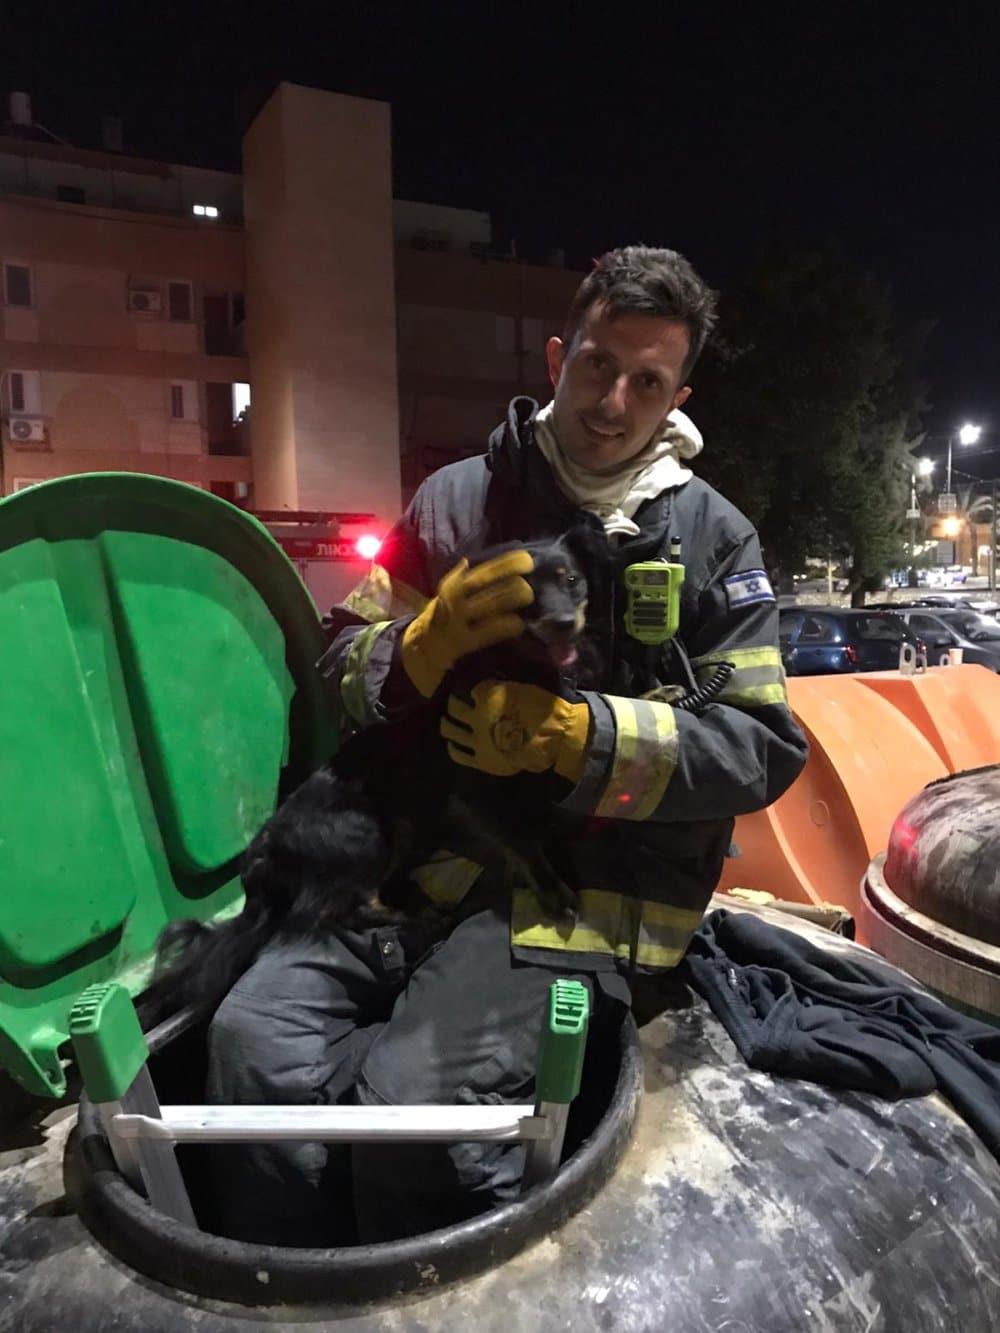 כוחות כיבוי אש חילצו כלב שנלכד בפח מוטמן